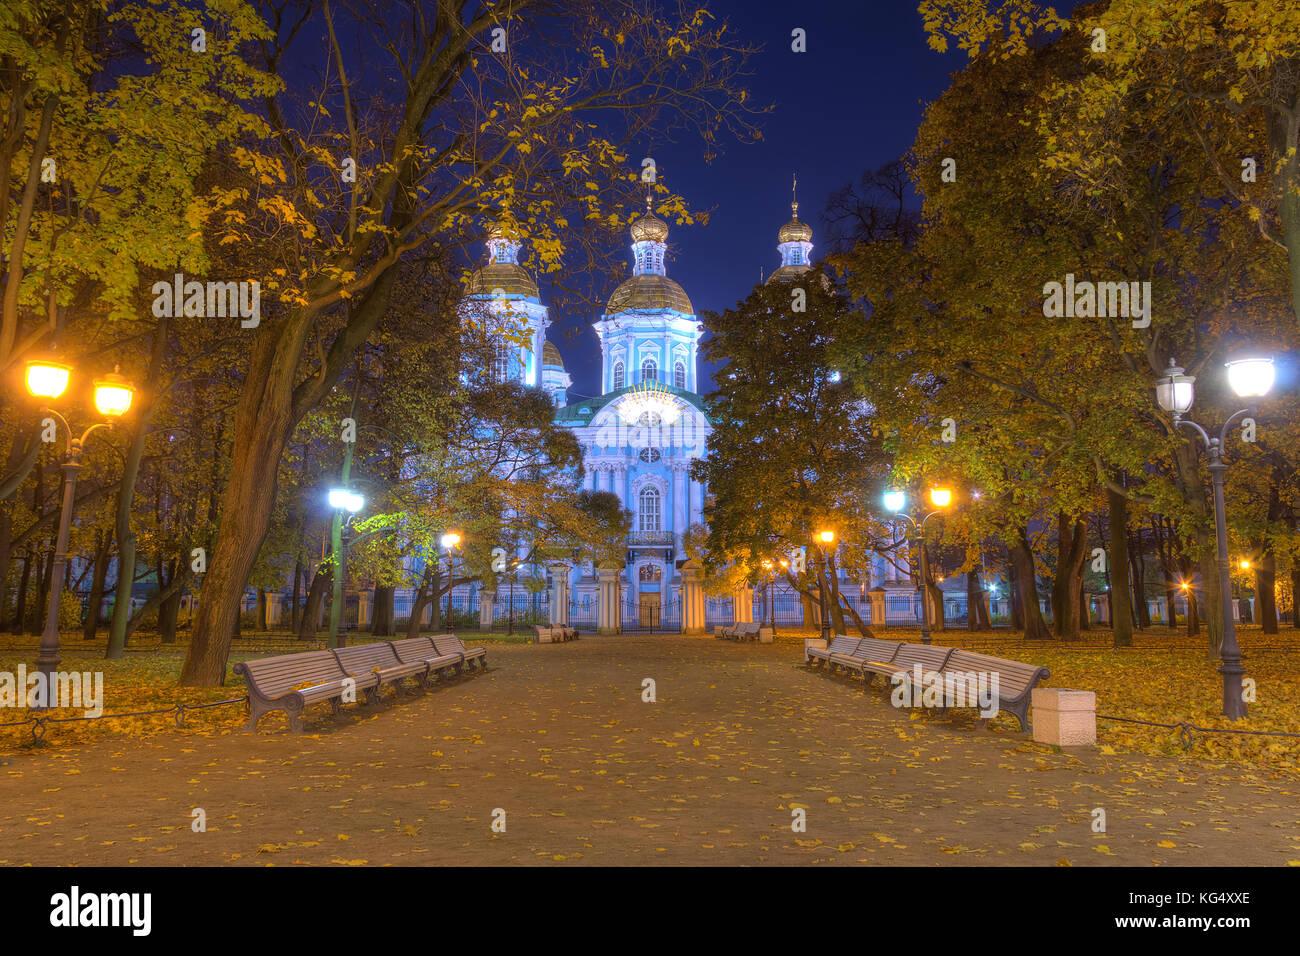 Nacht Herbst Blick Auf Den Beleuchteten St. Nikolaus Marine Kathedrale Und  Gasse In Nikolskiy Garten